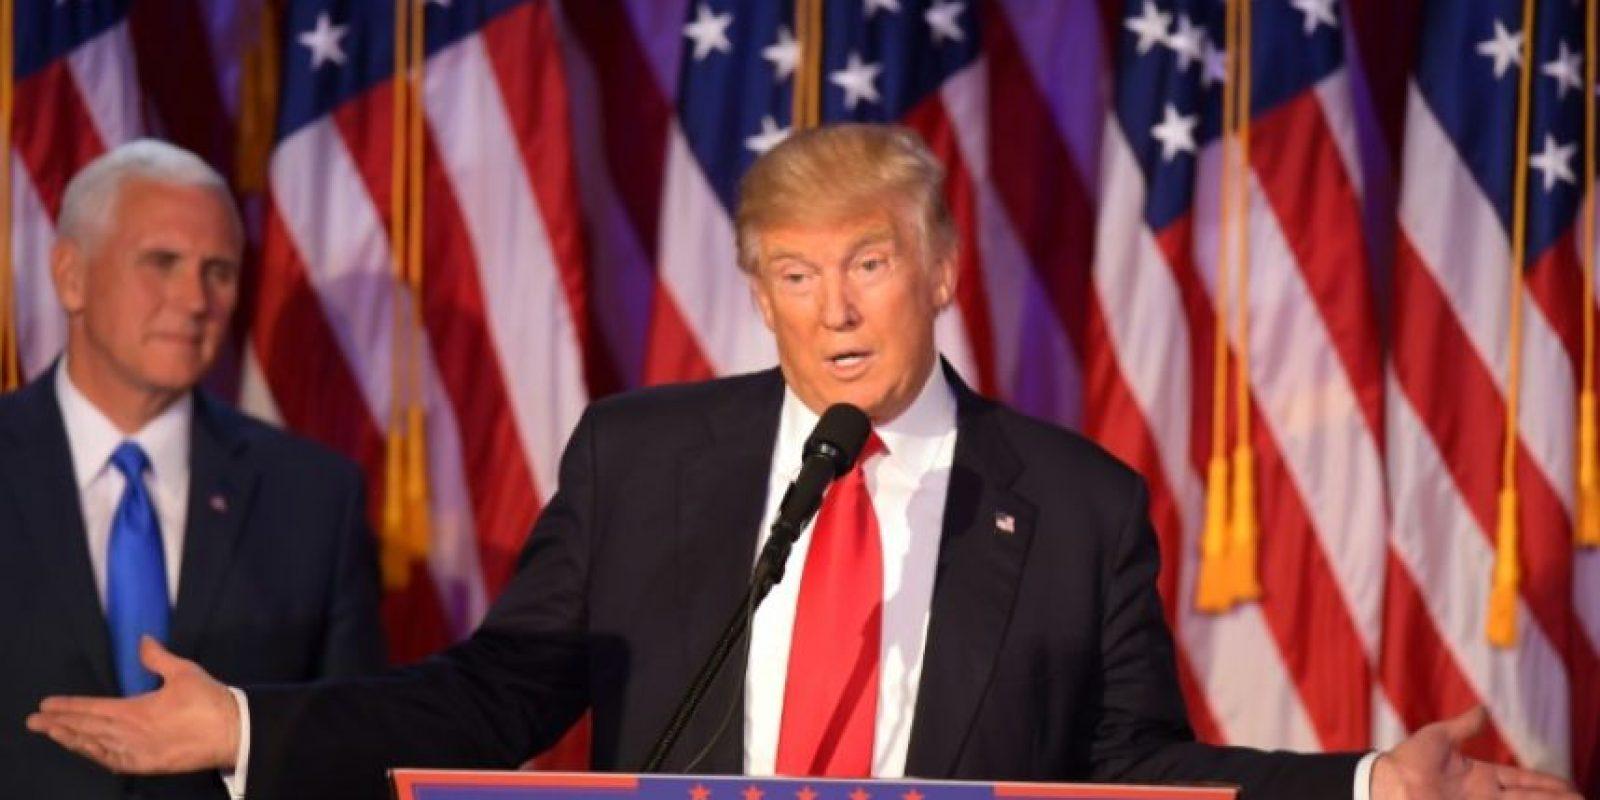 El republicano Donald Trump, el 9 de noviembre de 2016 en Nueva York Foto:Jim Watson/afp.com